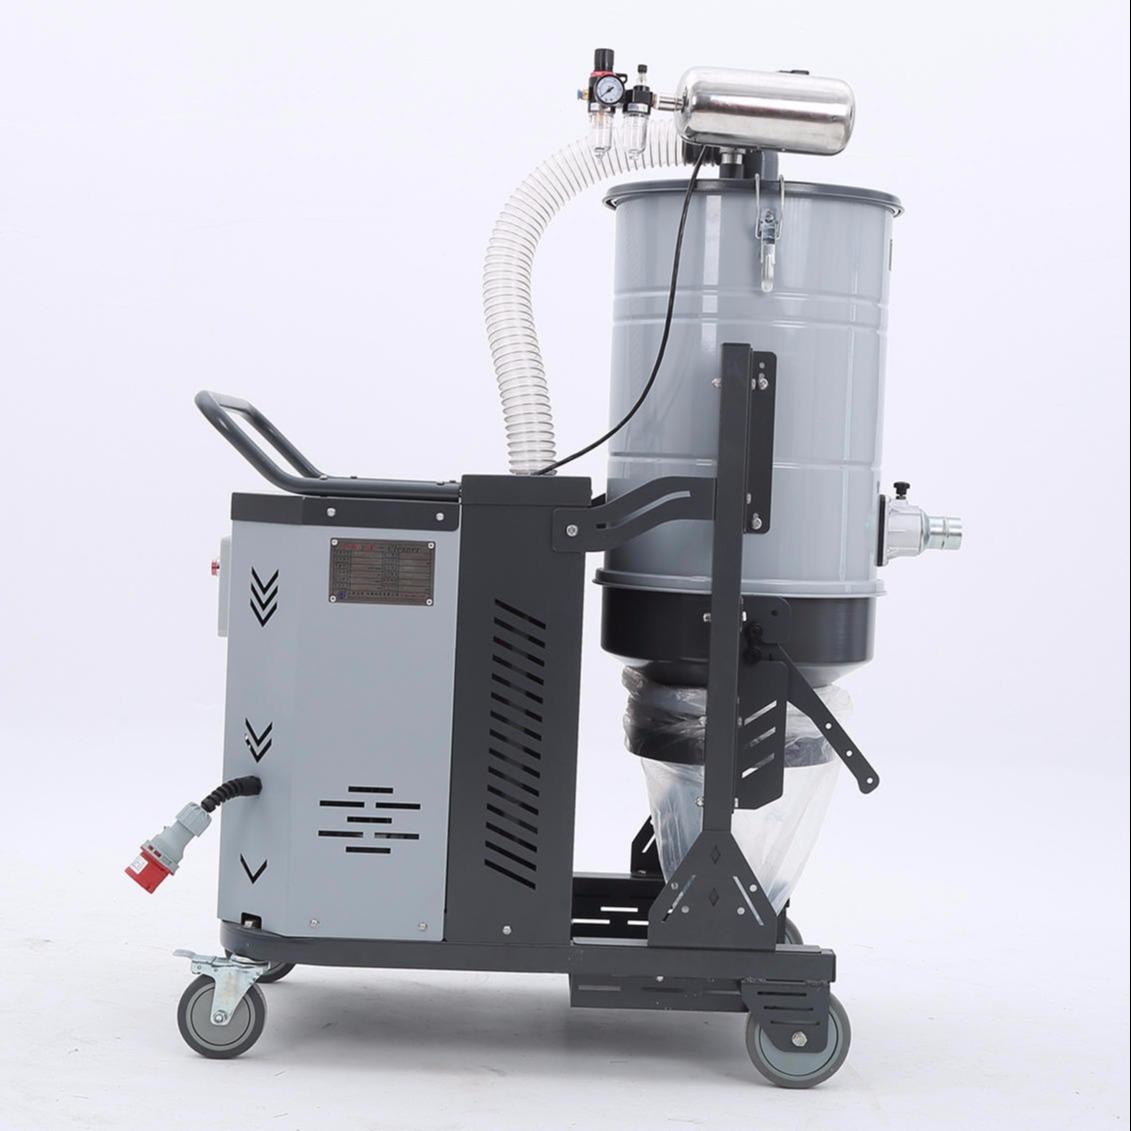 地坪粉塵吸塵器 環氧樹脂粉塵吸塵器 水泥地面研磨脈沖旋風吸塵器